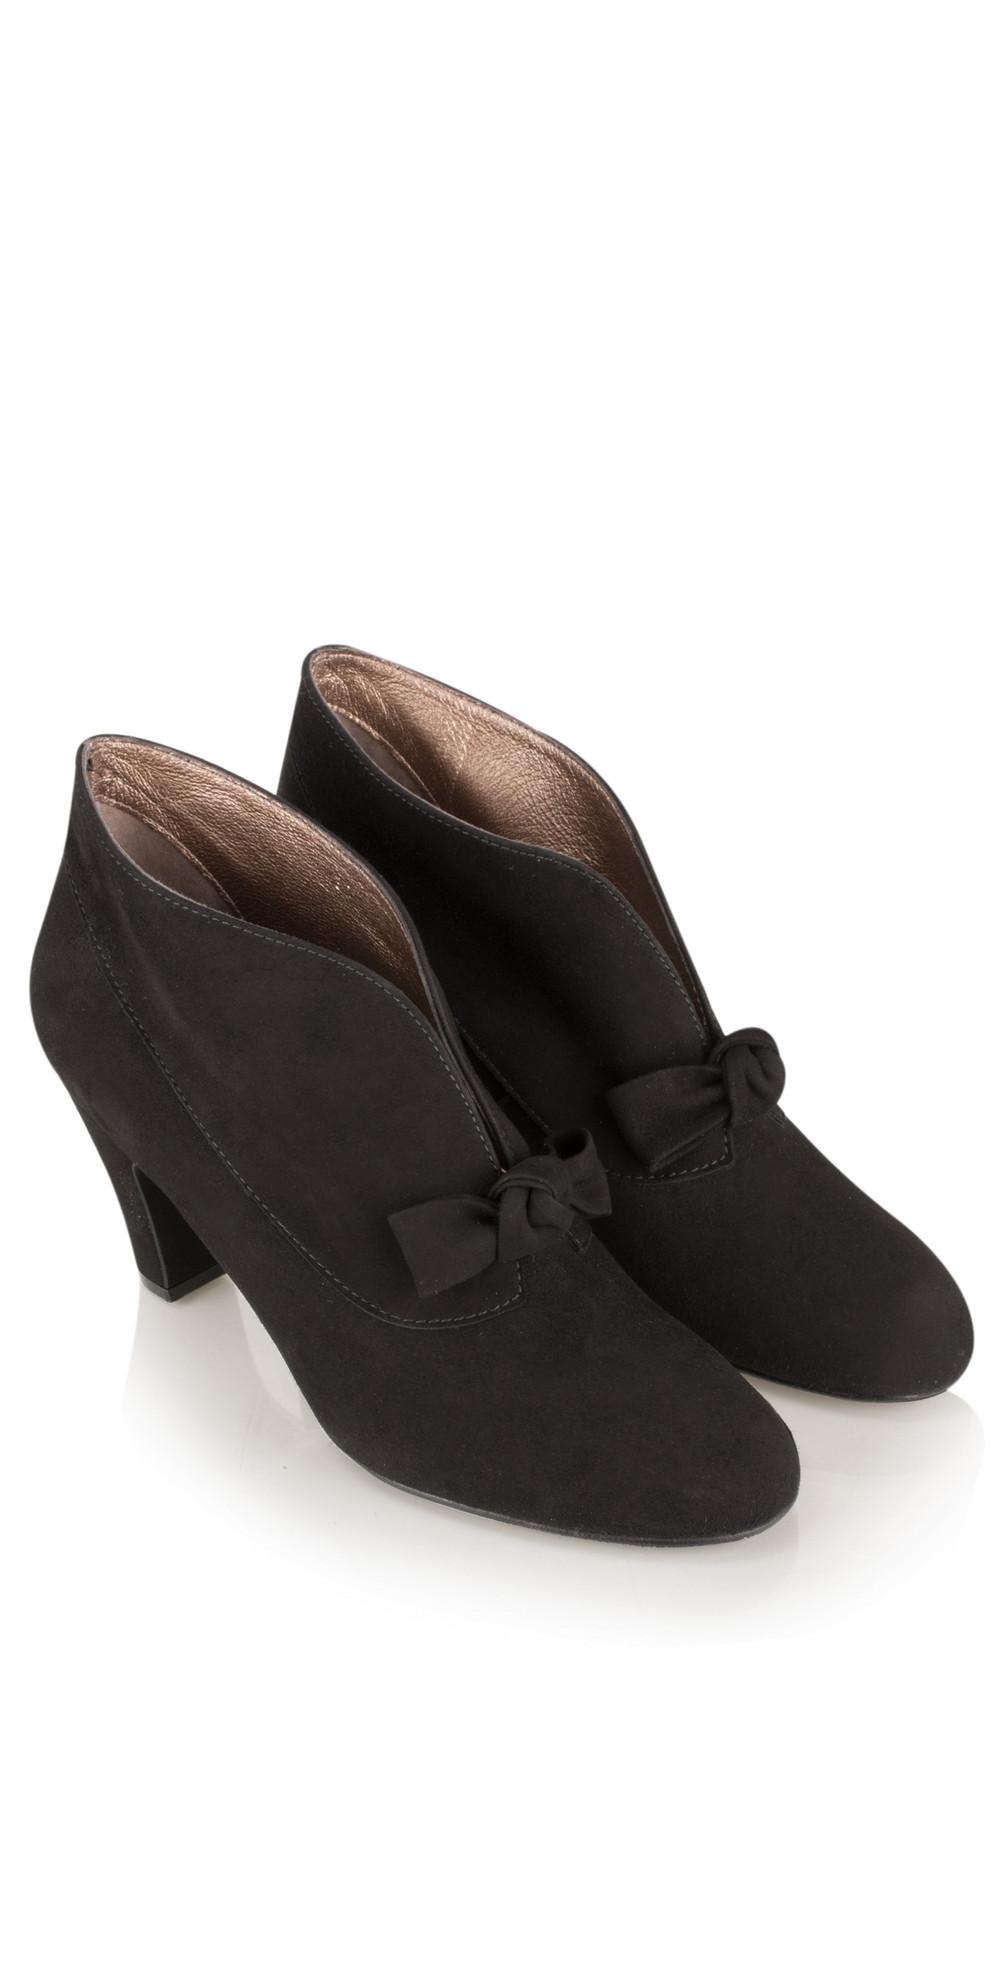 Xeka Shoe Boot main image